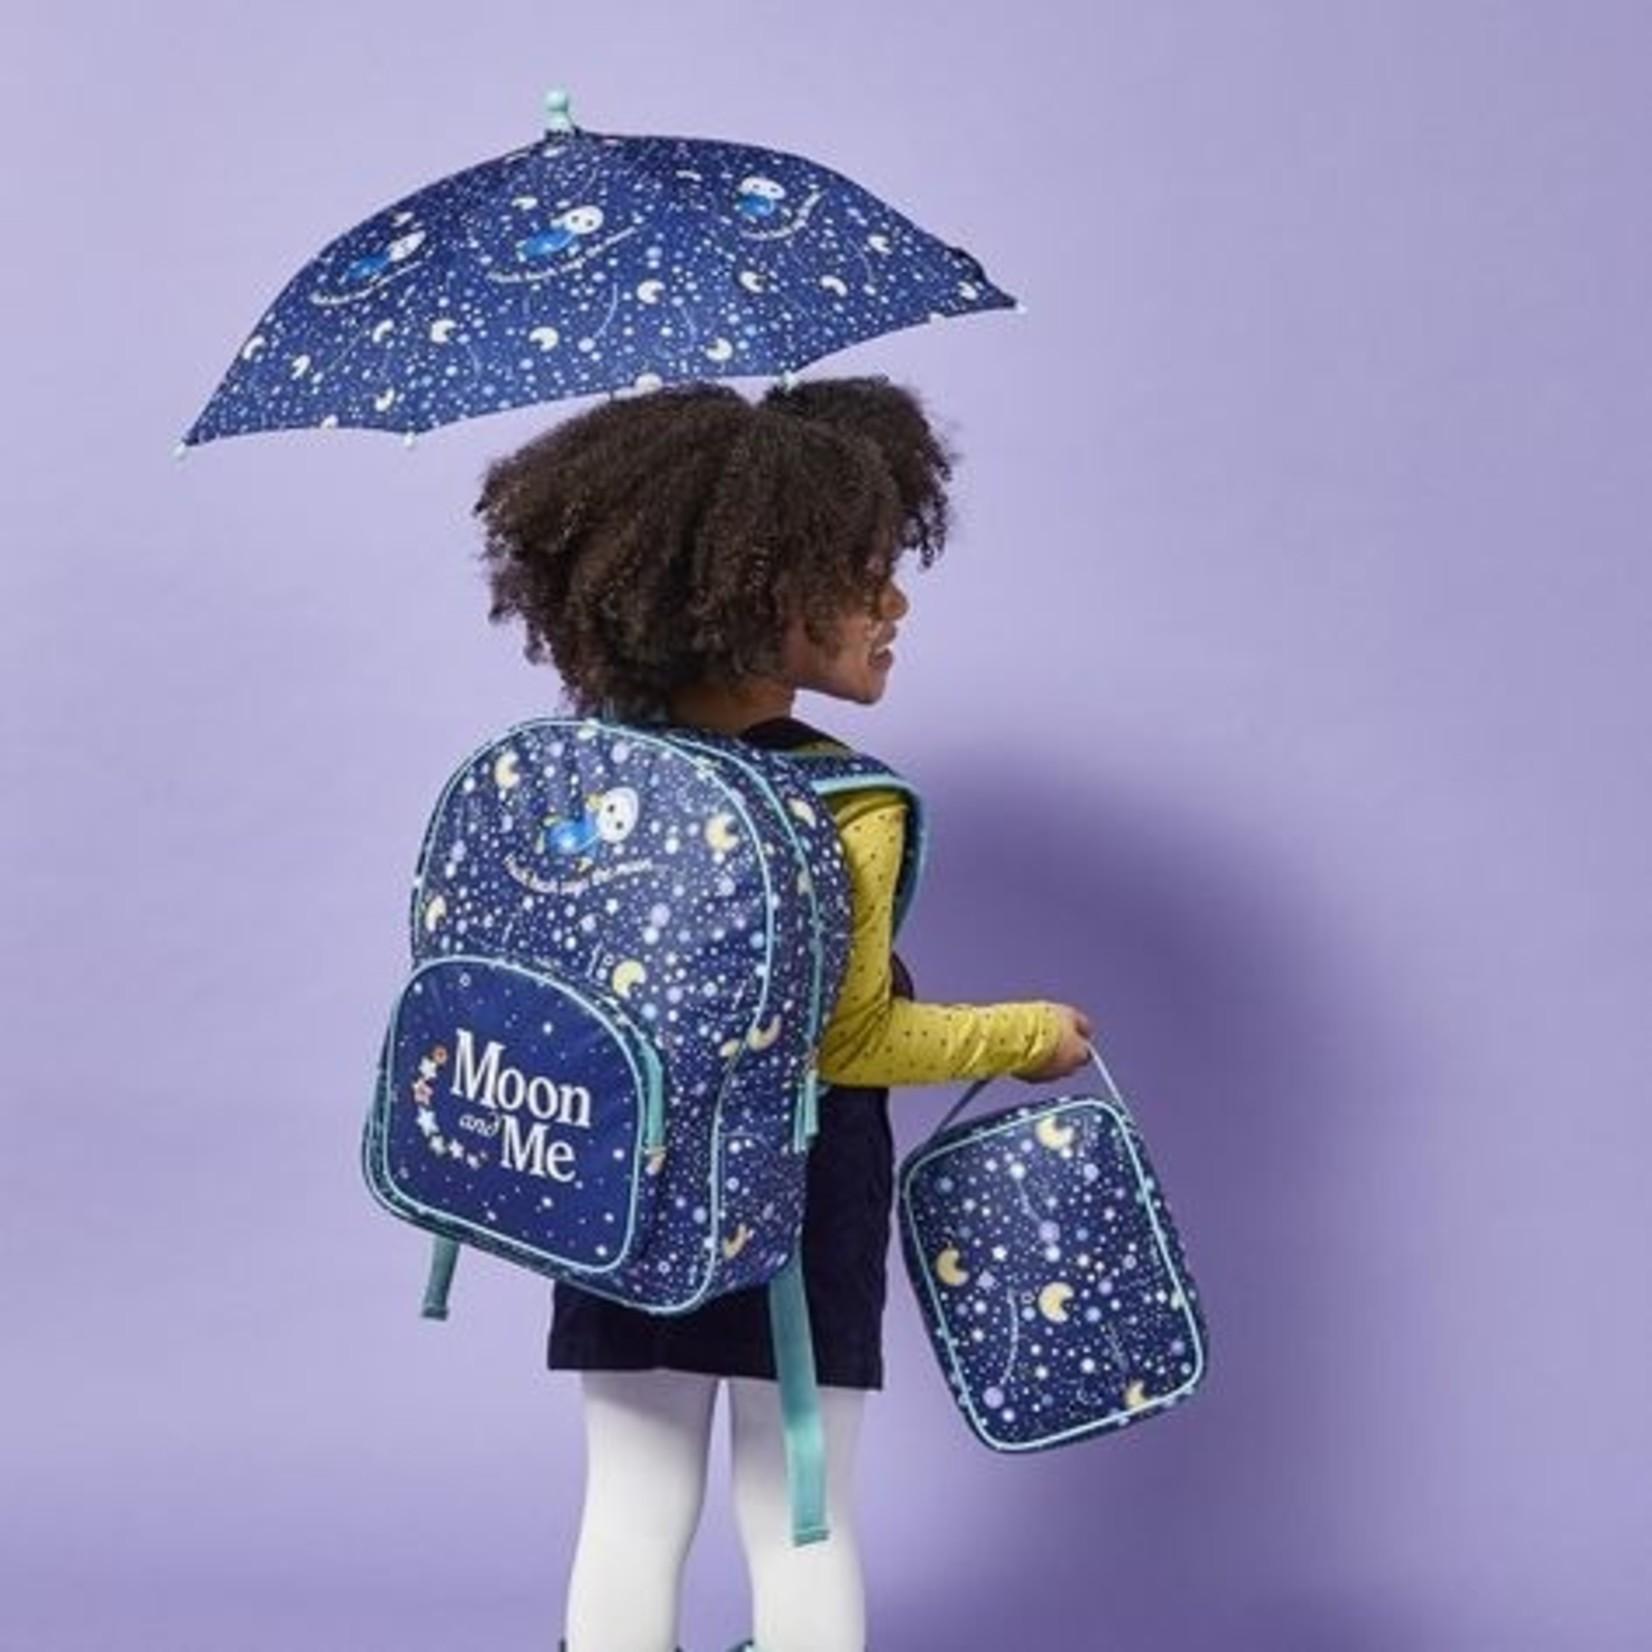 """Ulster Weavers Maan en Ik Paraplu """"Maan Baby"""""""